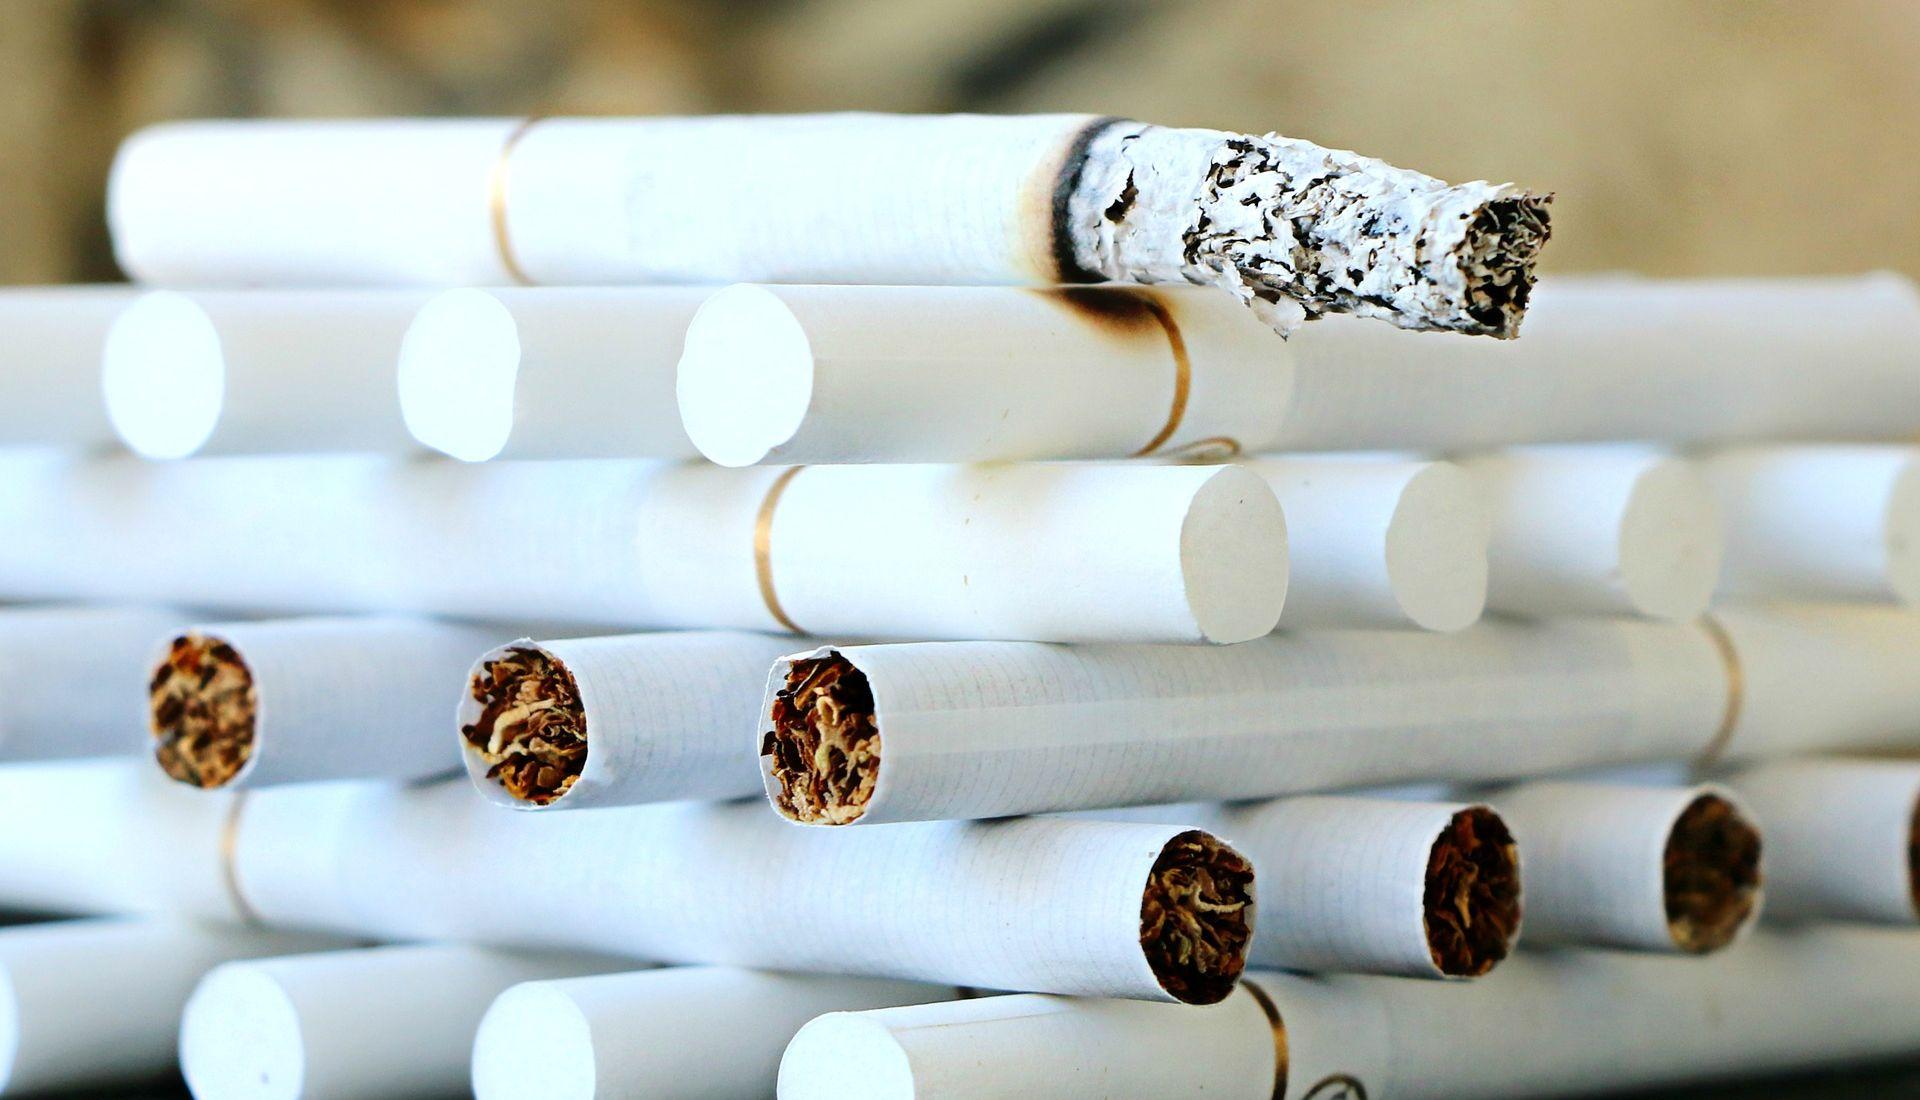 VLADA Saboru upućen prijedlog Zakona o ograničavanju uporabe duhanskih proizvoda